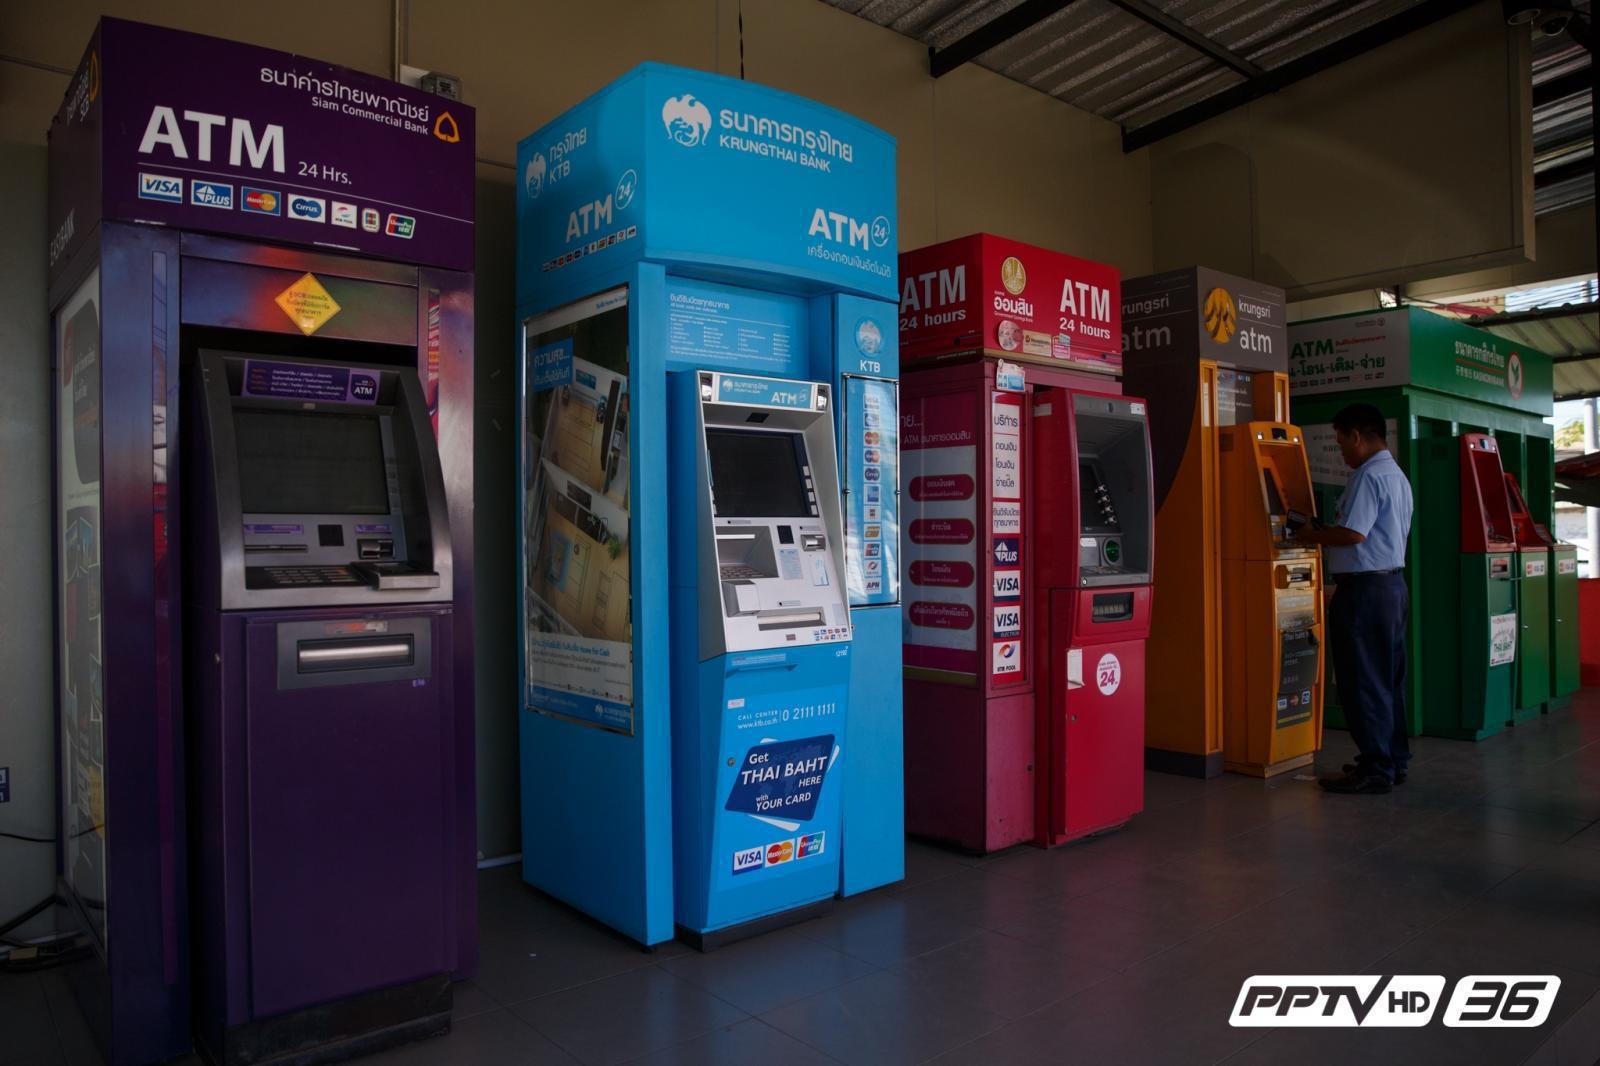 แบงค์พาณิชย์ จ่อเก็บค่าถอนเงินทั้ง ATM – หน้าเคาน์เตอร์